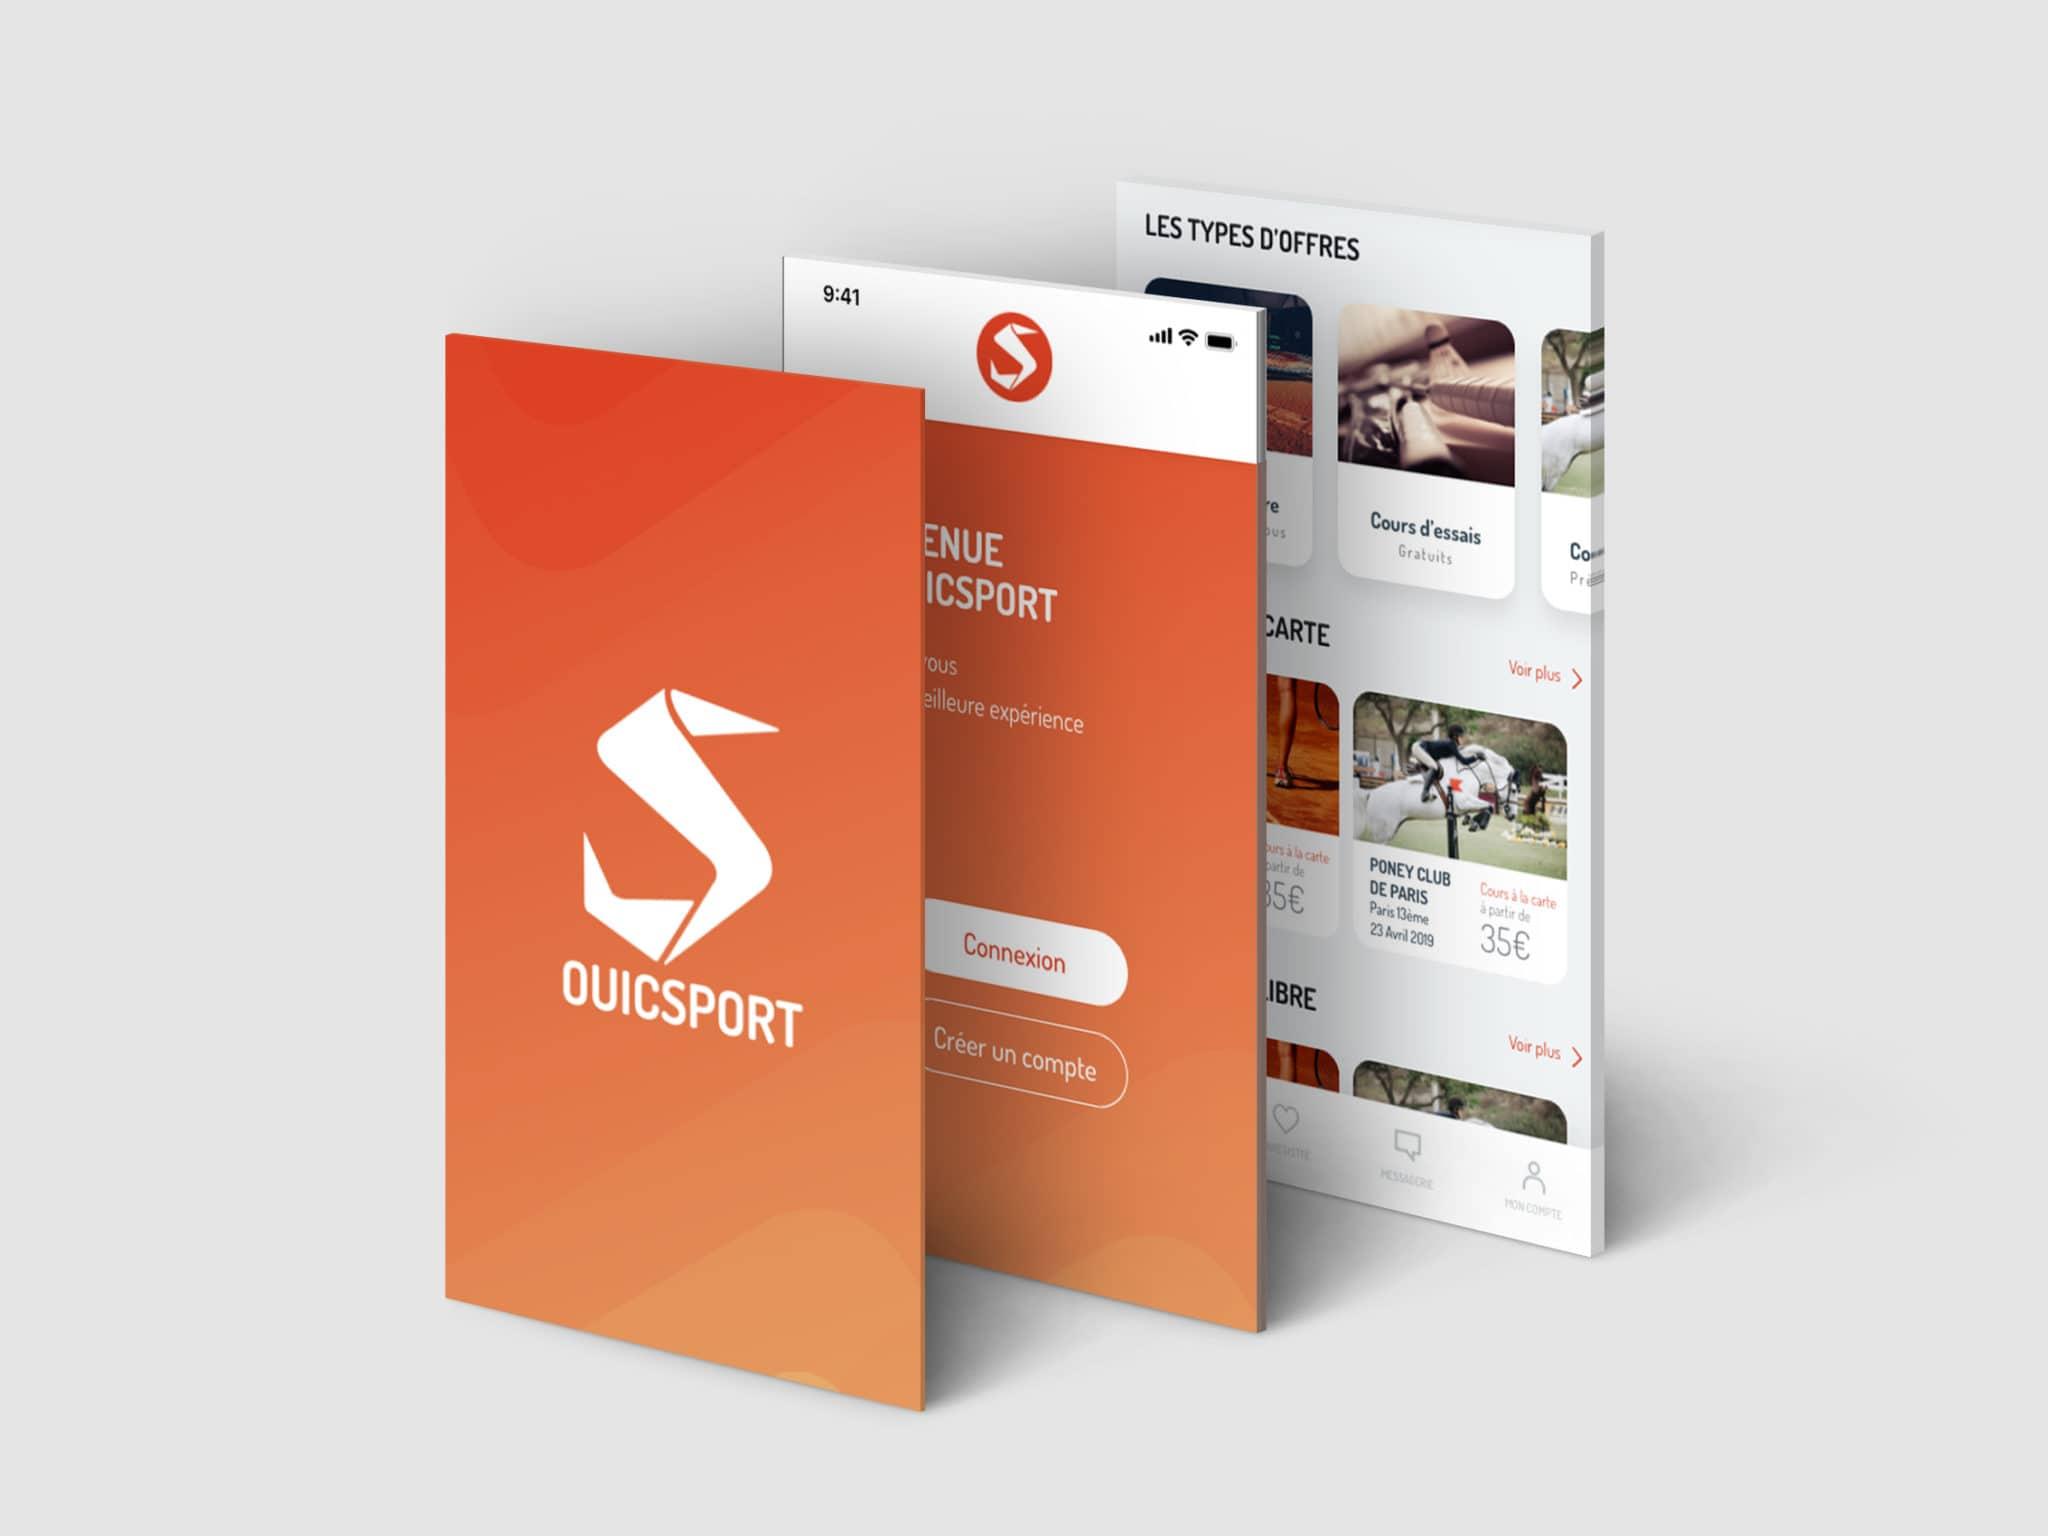 Mise en situation de 3 écrans de l'appli mobile OUICSPORT